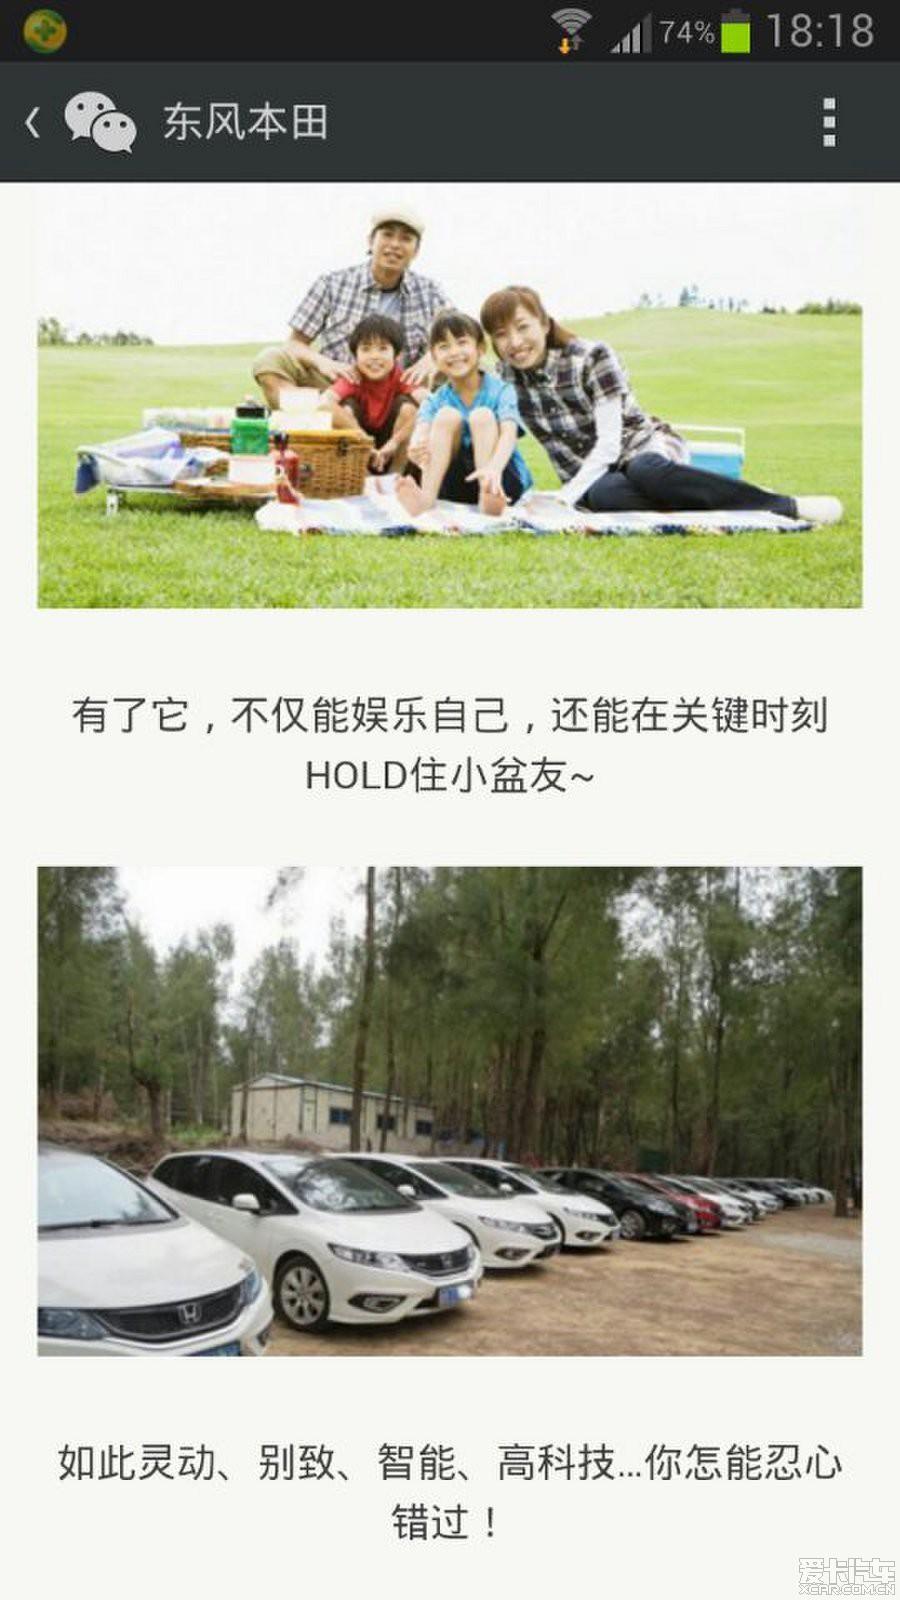 东风本田,厂家的车友!竟然用深圳杰德广告的宝马7系2015款豪华型图片